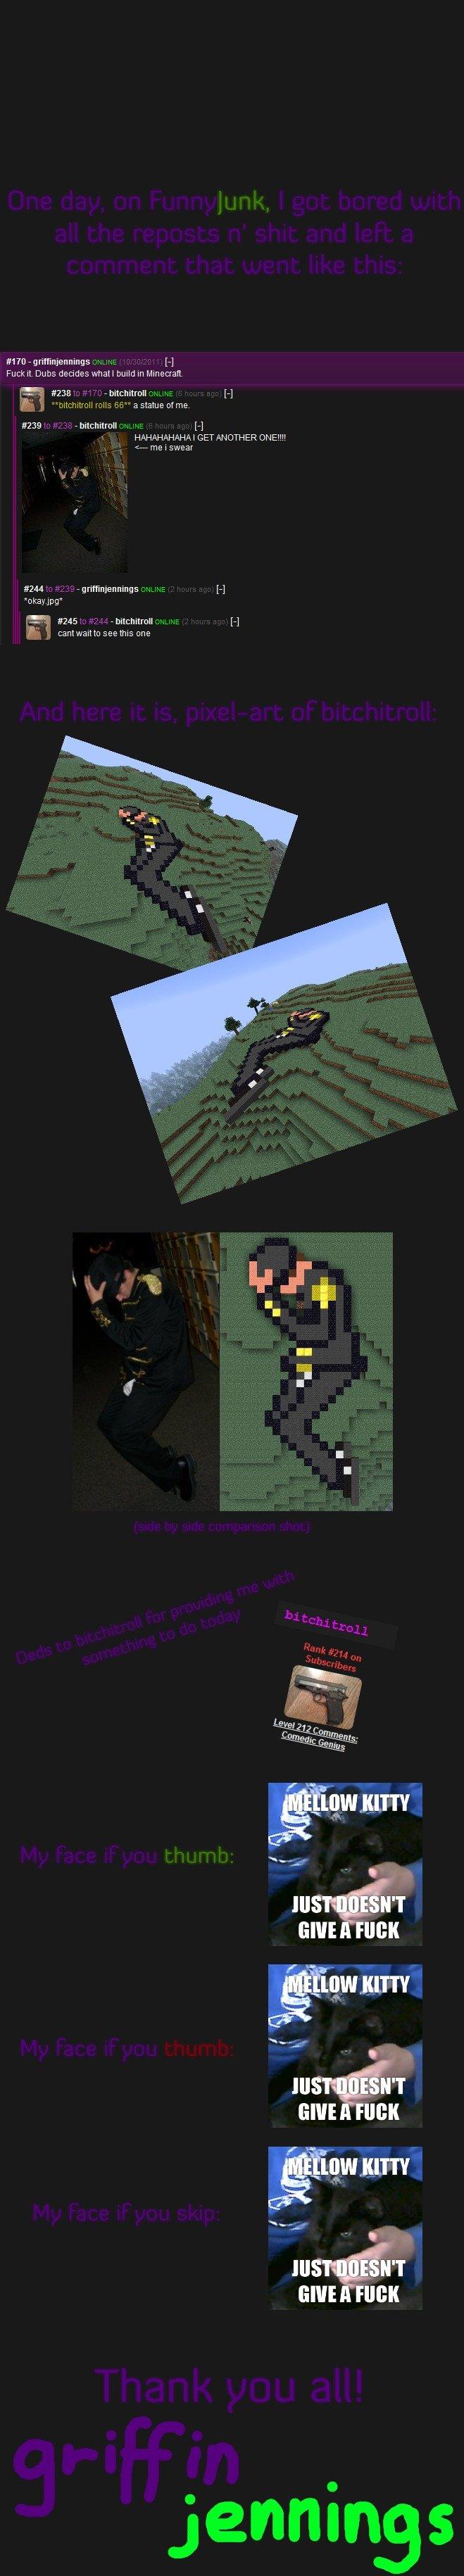 Minecraft Pixel Art Dubs